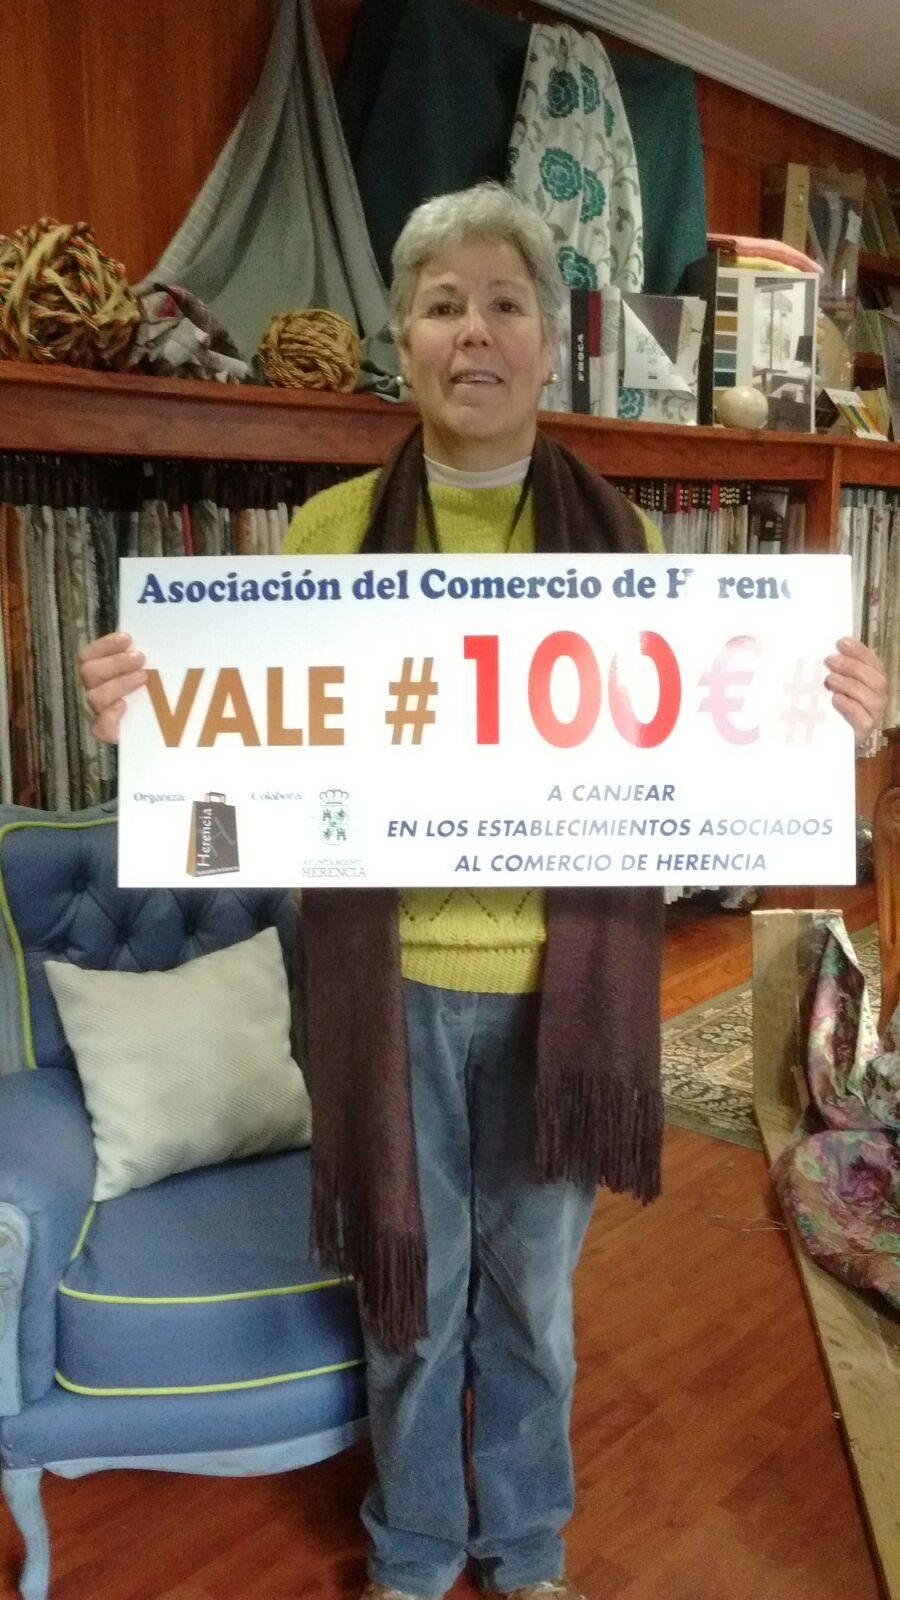 Pili chuchi ganadora del premio de 100 euros del comercio de Herencia - Ganadores del sorteo de los cheques regalo de la Asociación del Comercio